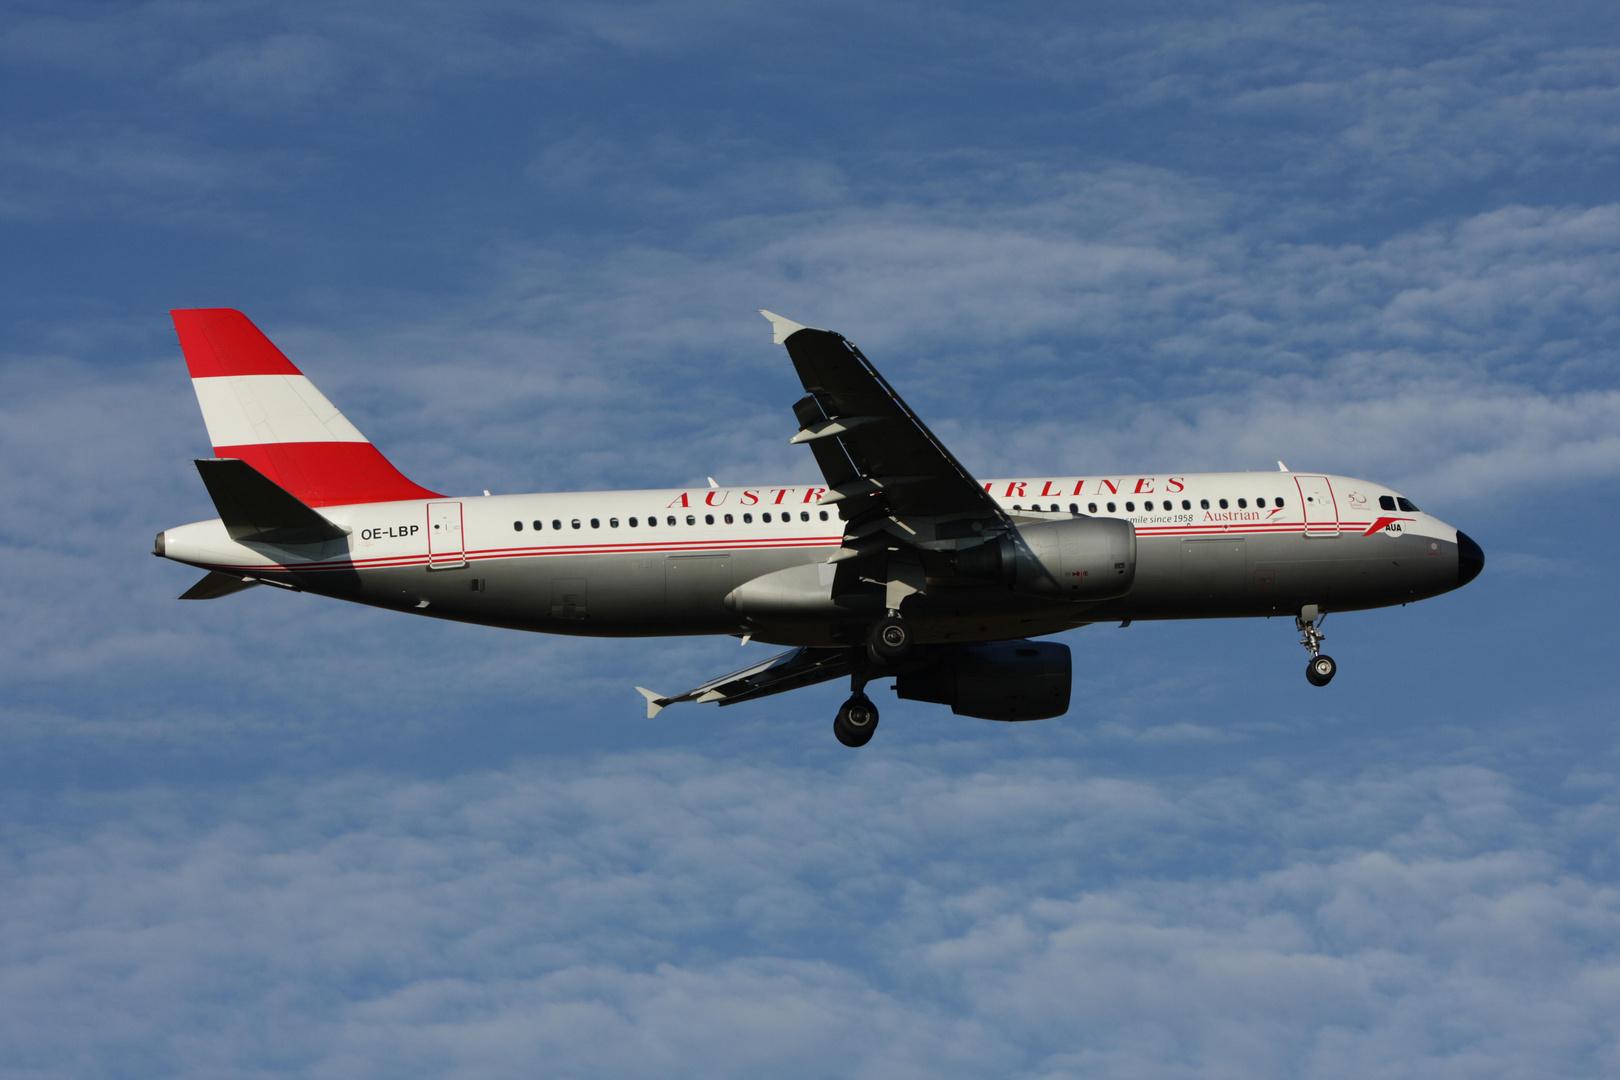 Retro AUSTRIAN AIRLINES Airbus 320-214